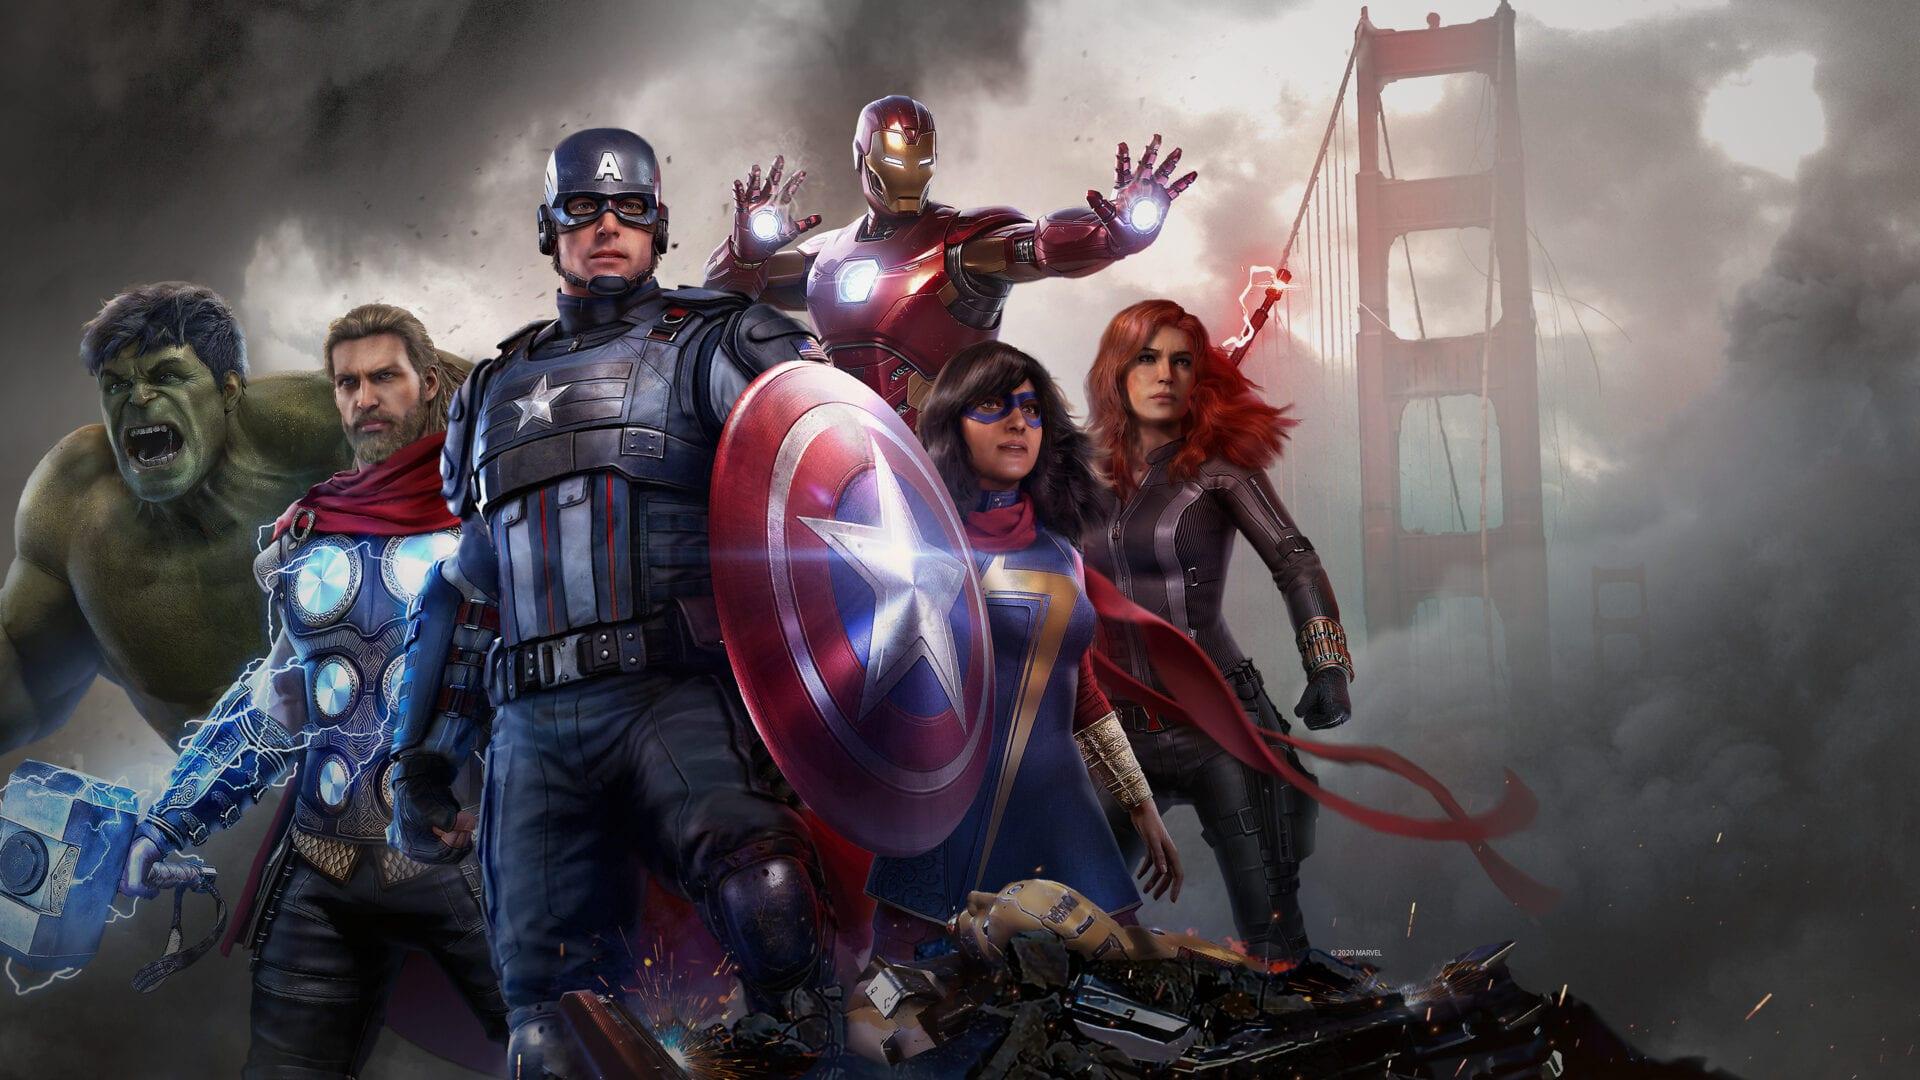 marvel's avengers, nanites